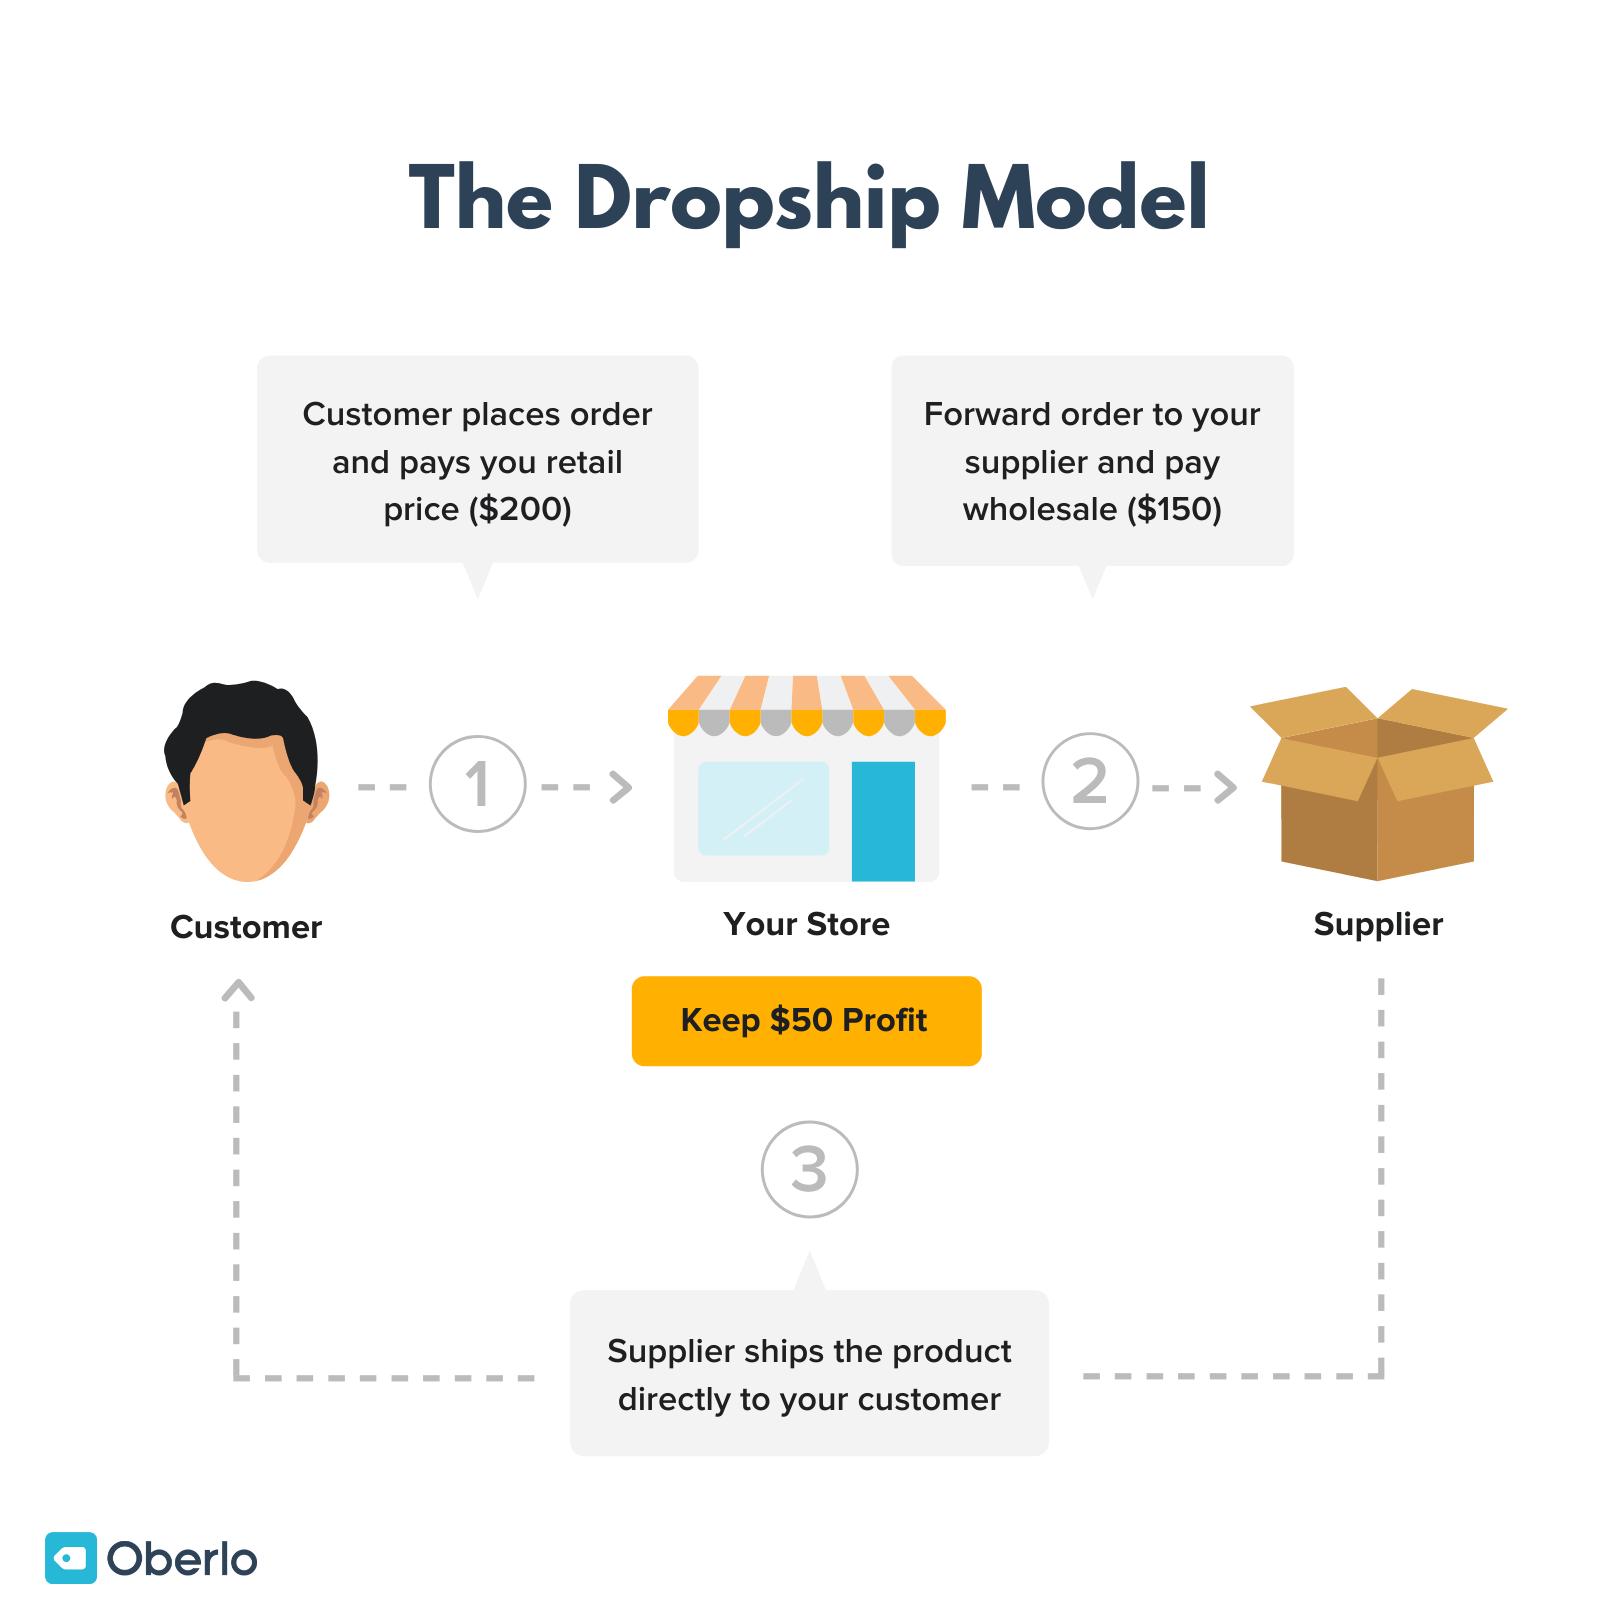 Immagine che mostra il modello di business del dropship